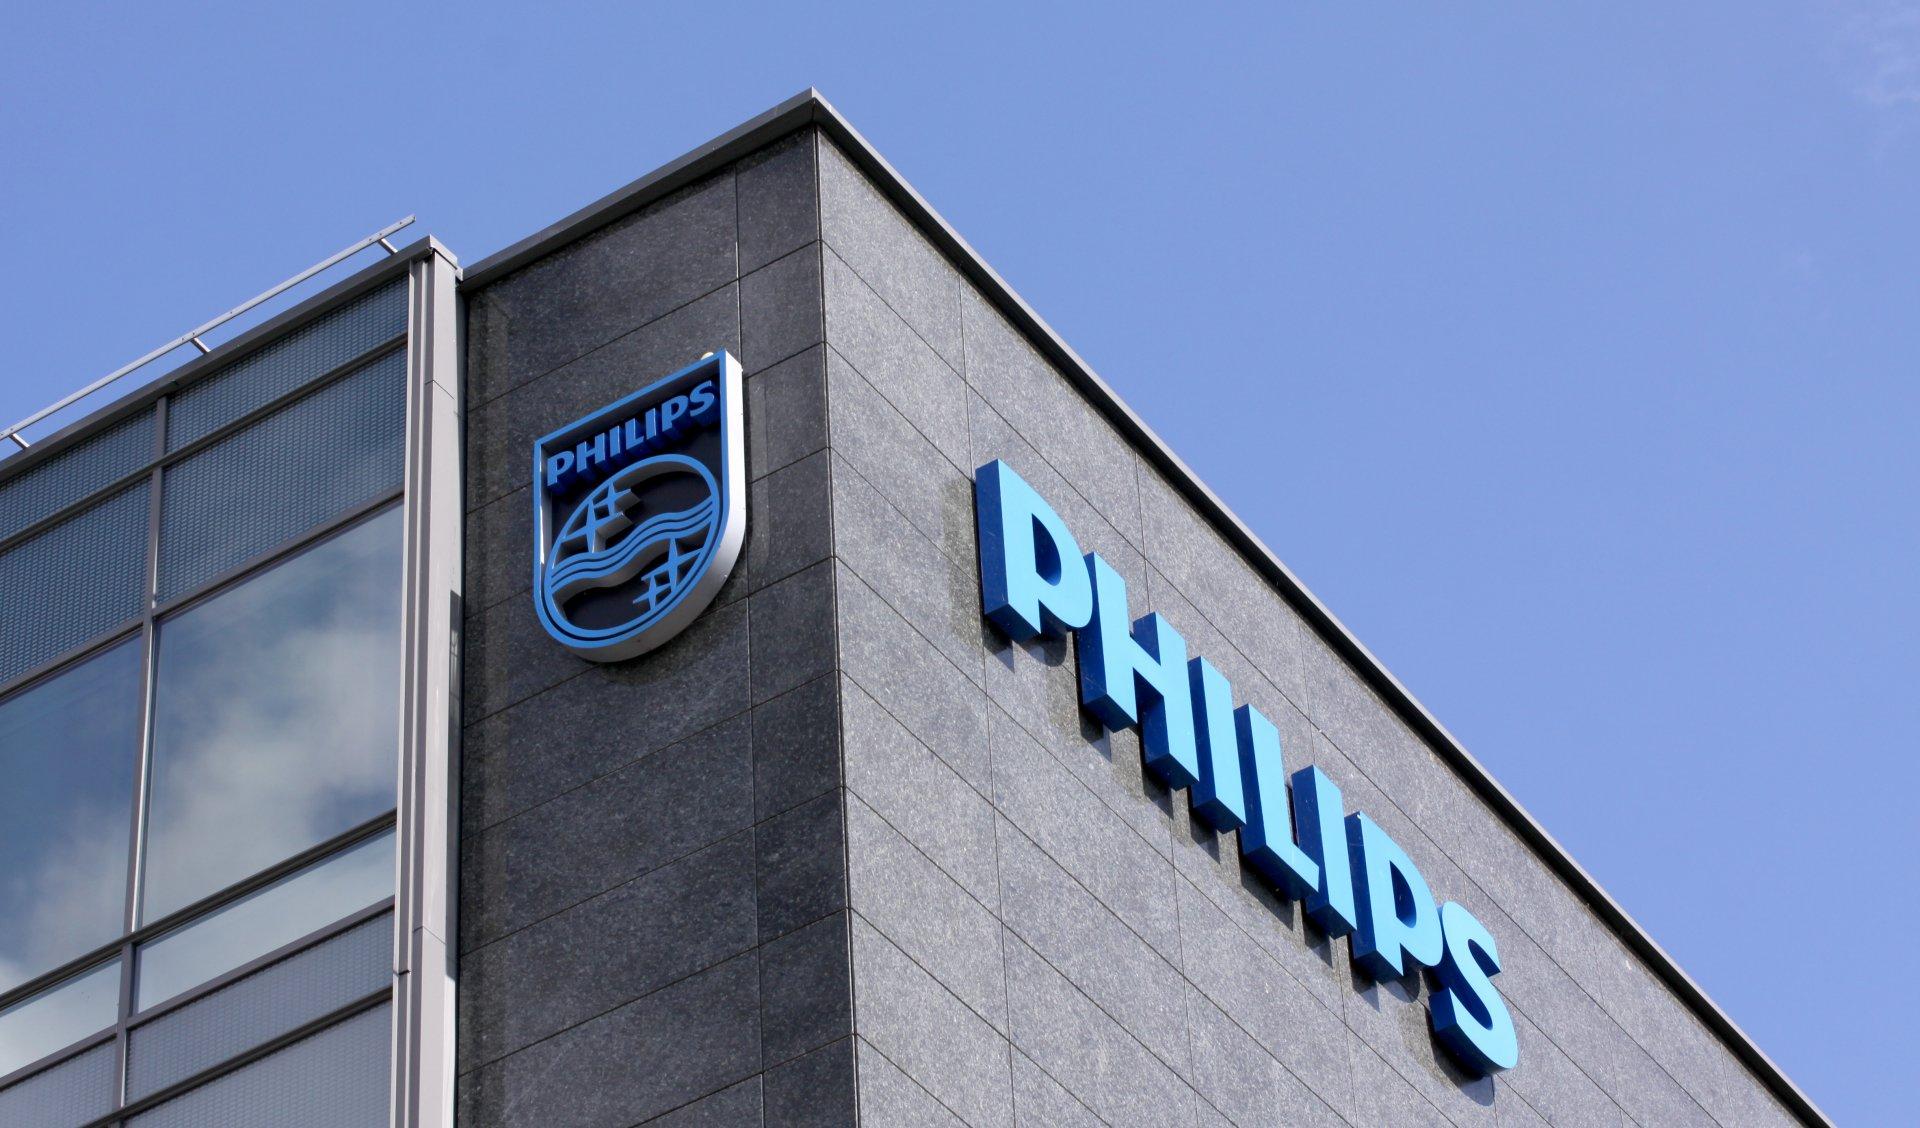 Philips компанийн Тэнцвэрт үнэлгээний хуудас